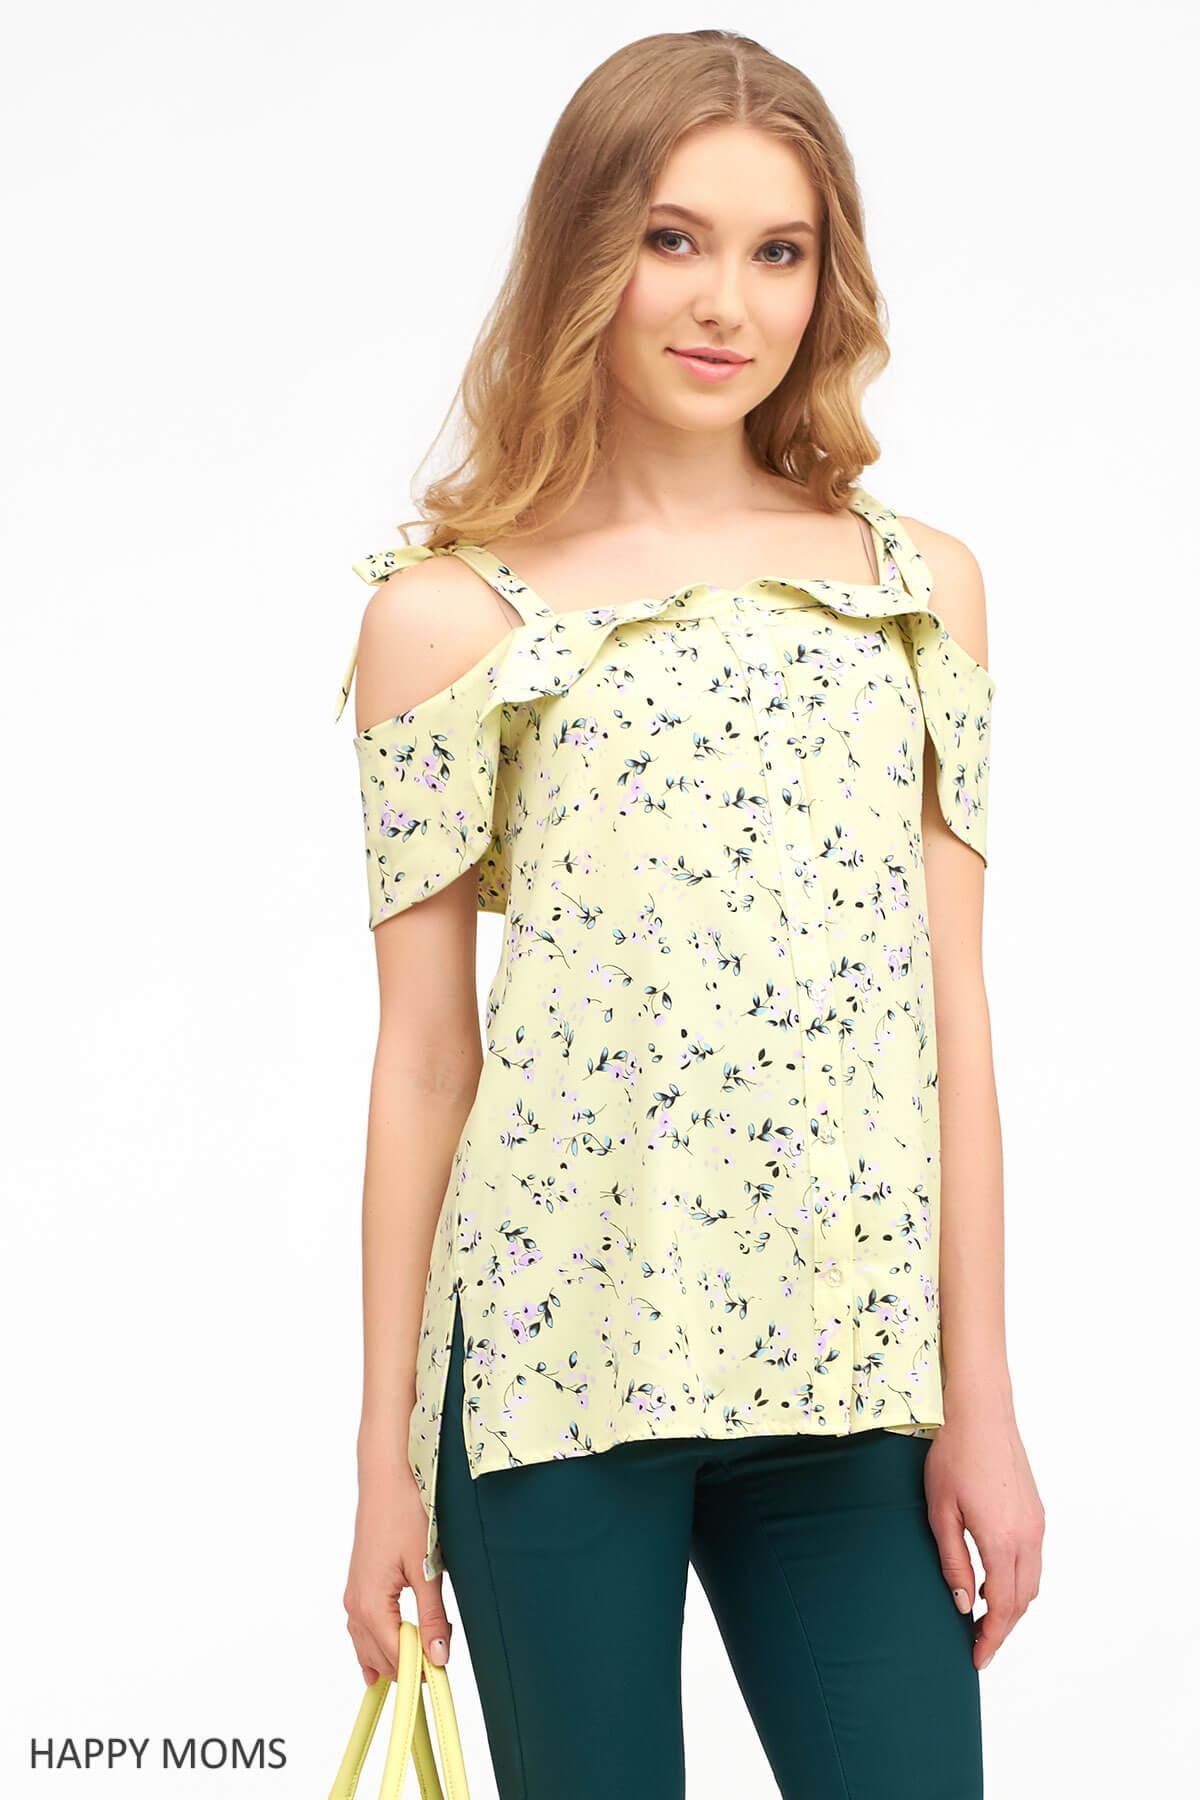 Купить Блузку Для Беременных